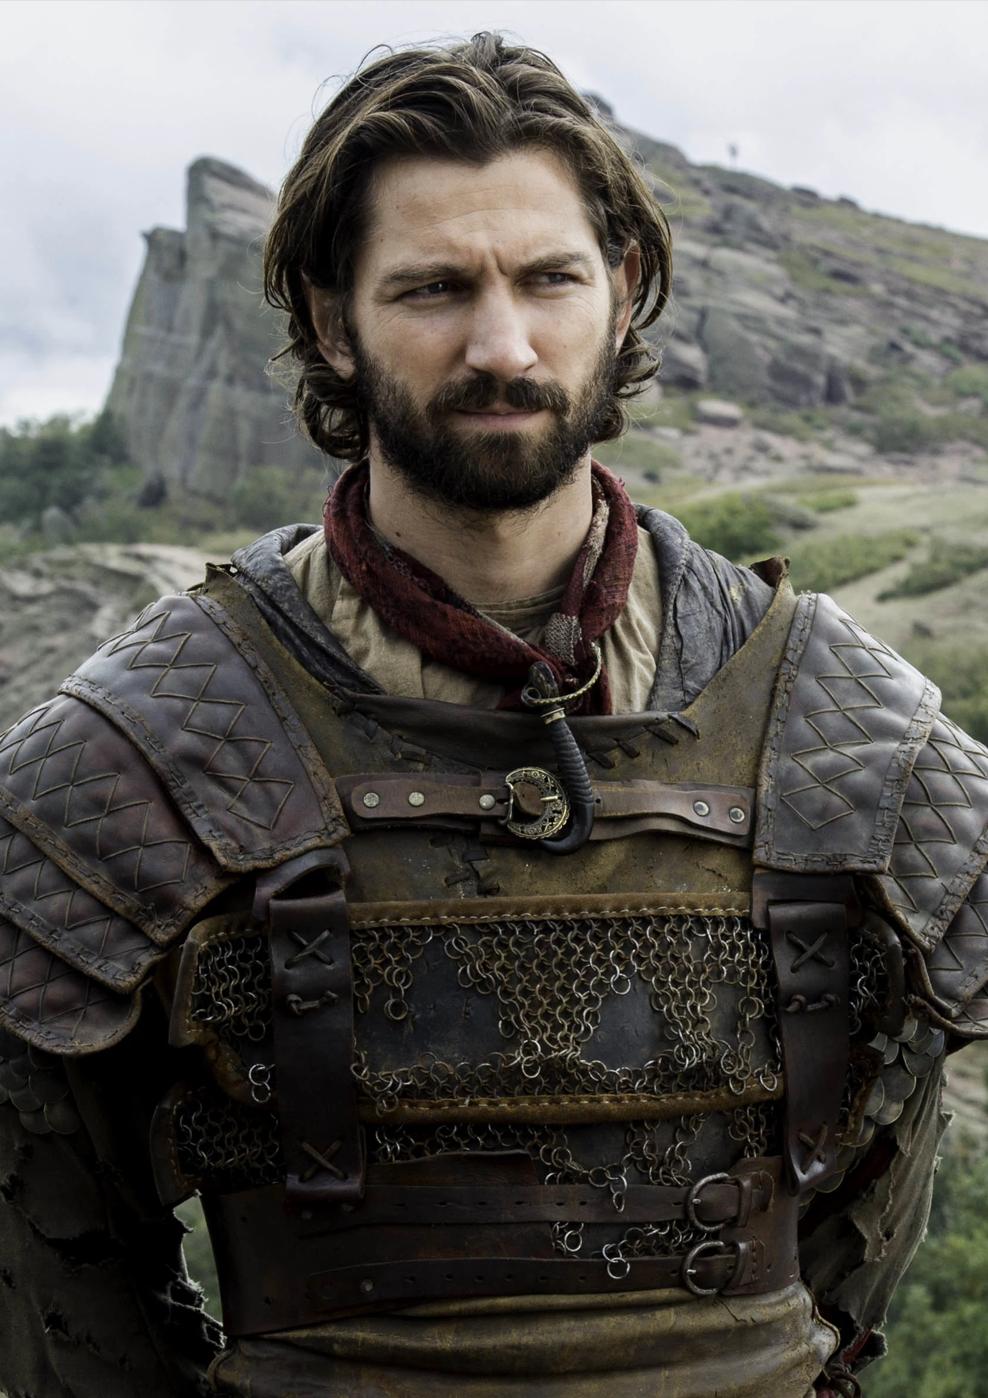 Game Of Thrones Daario Naharis